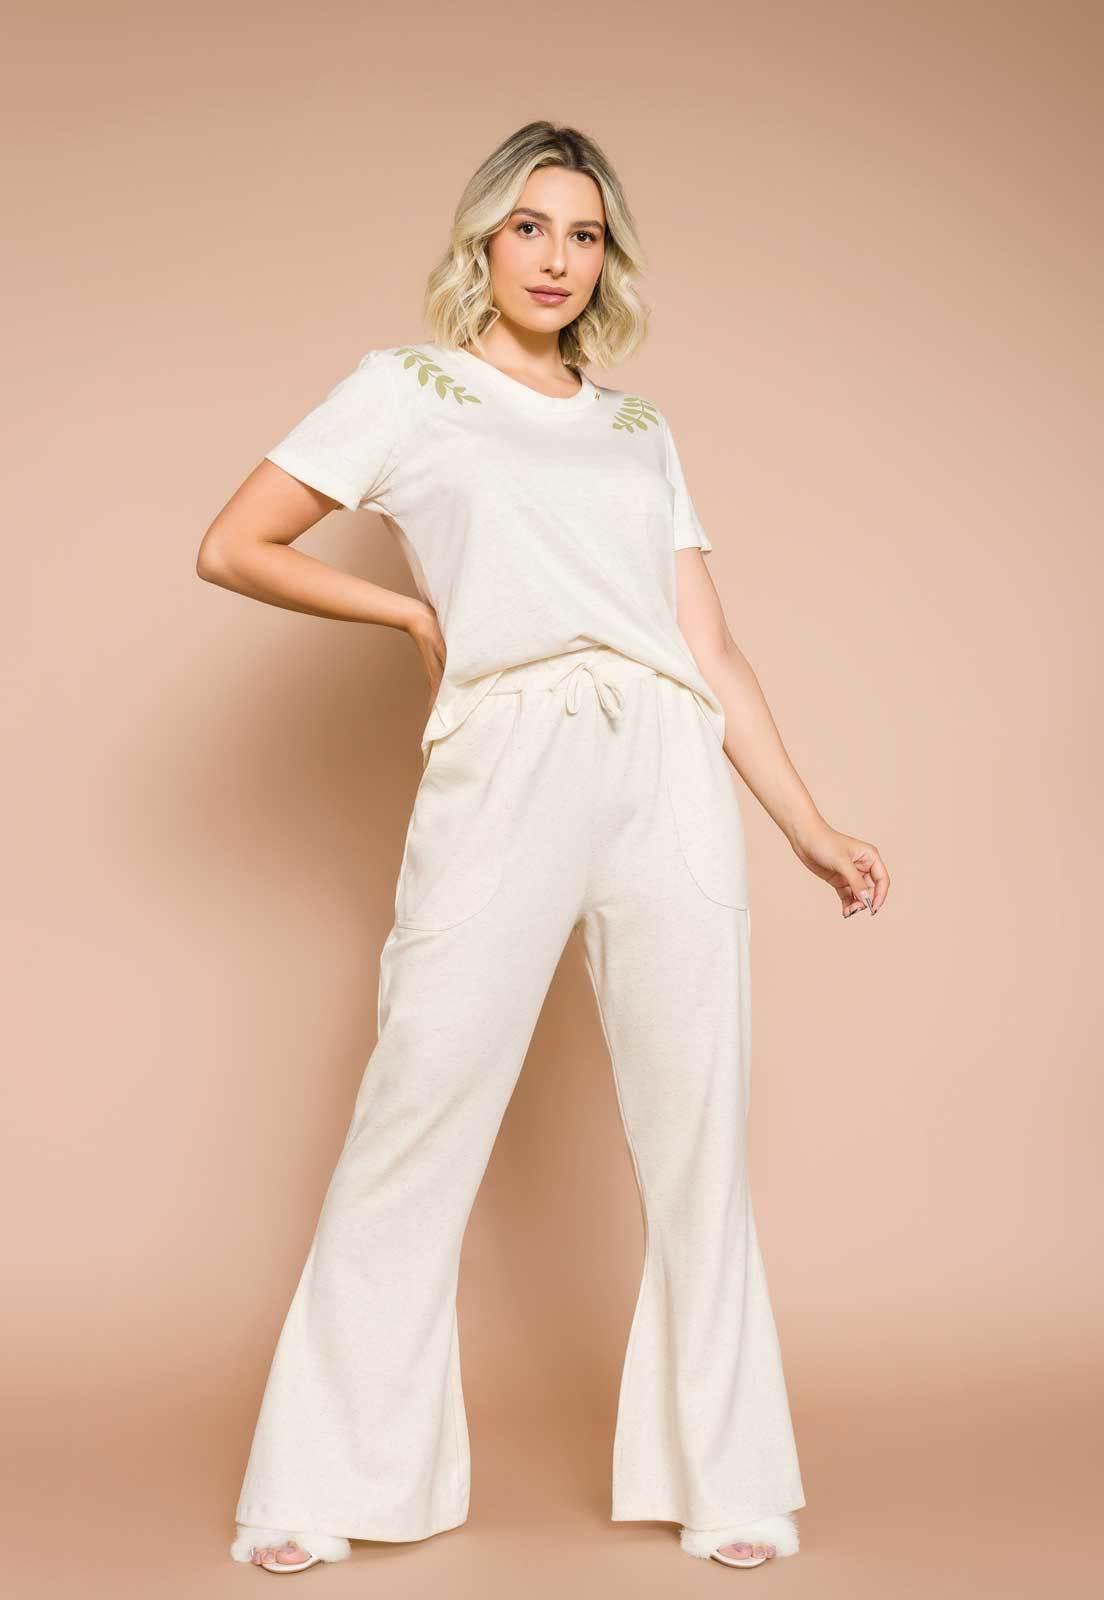 Pijama Feminino Longo Marfim Linho e Algodão Eco